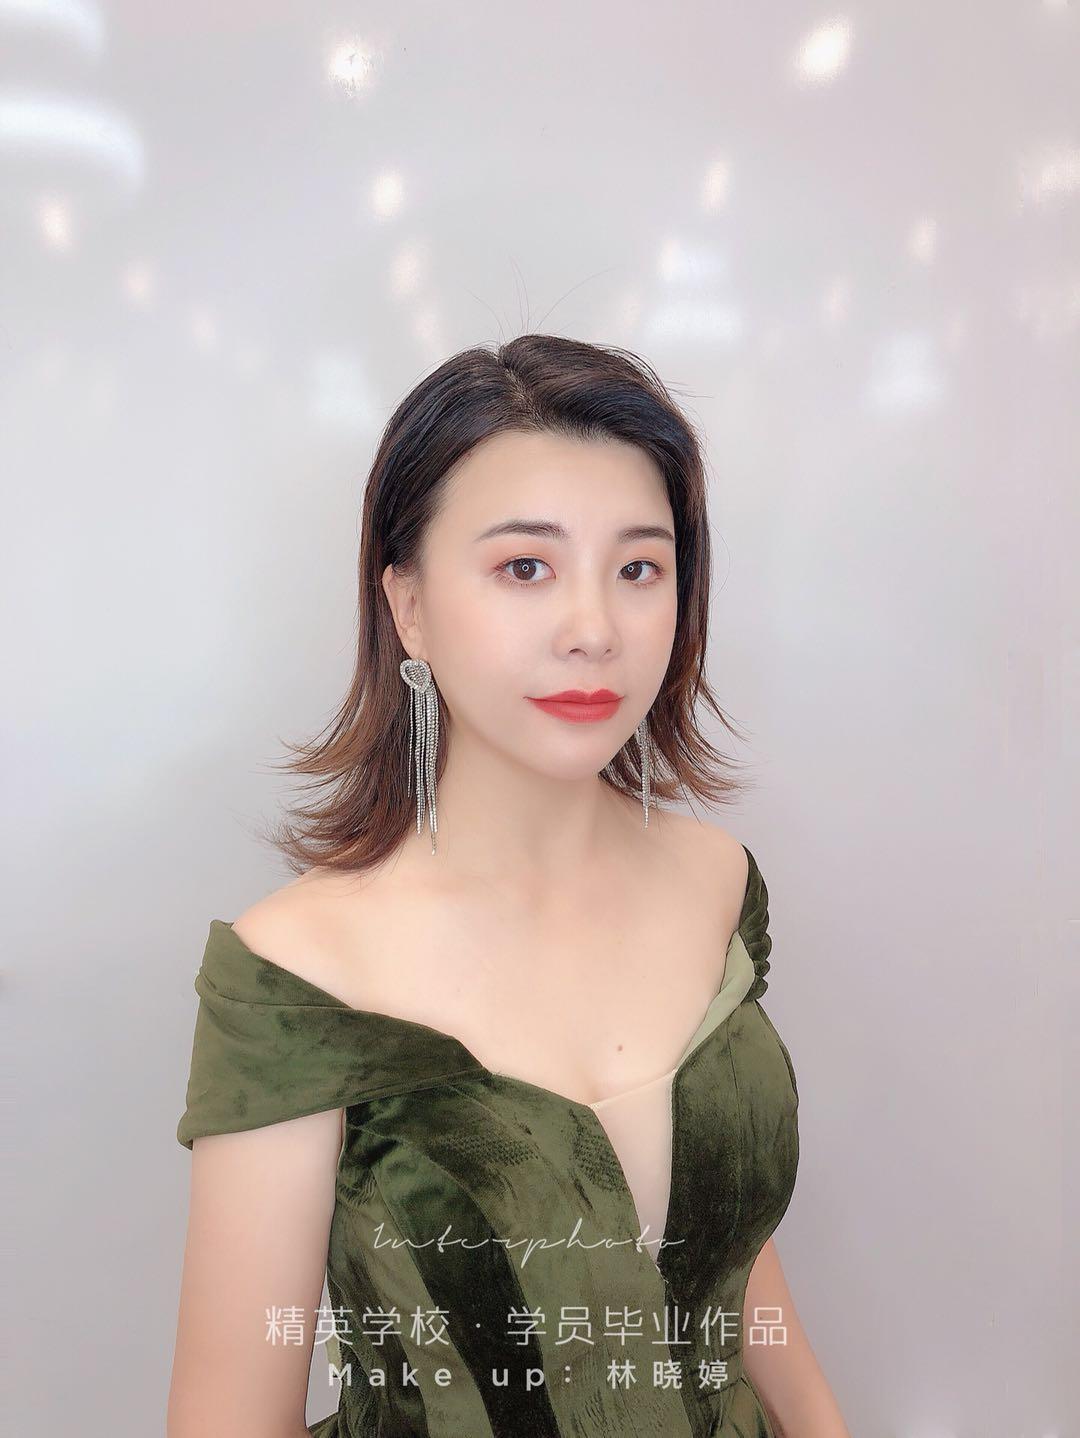 深圳化妝學校精英化妝學校6月畢業學員畢業作品圖片12